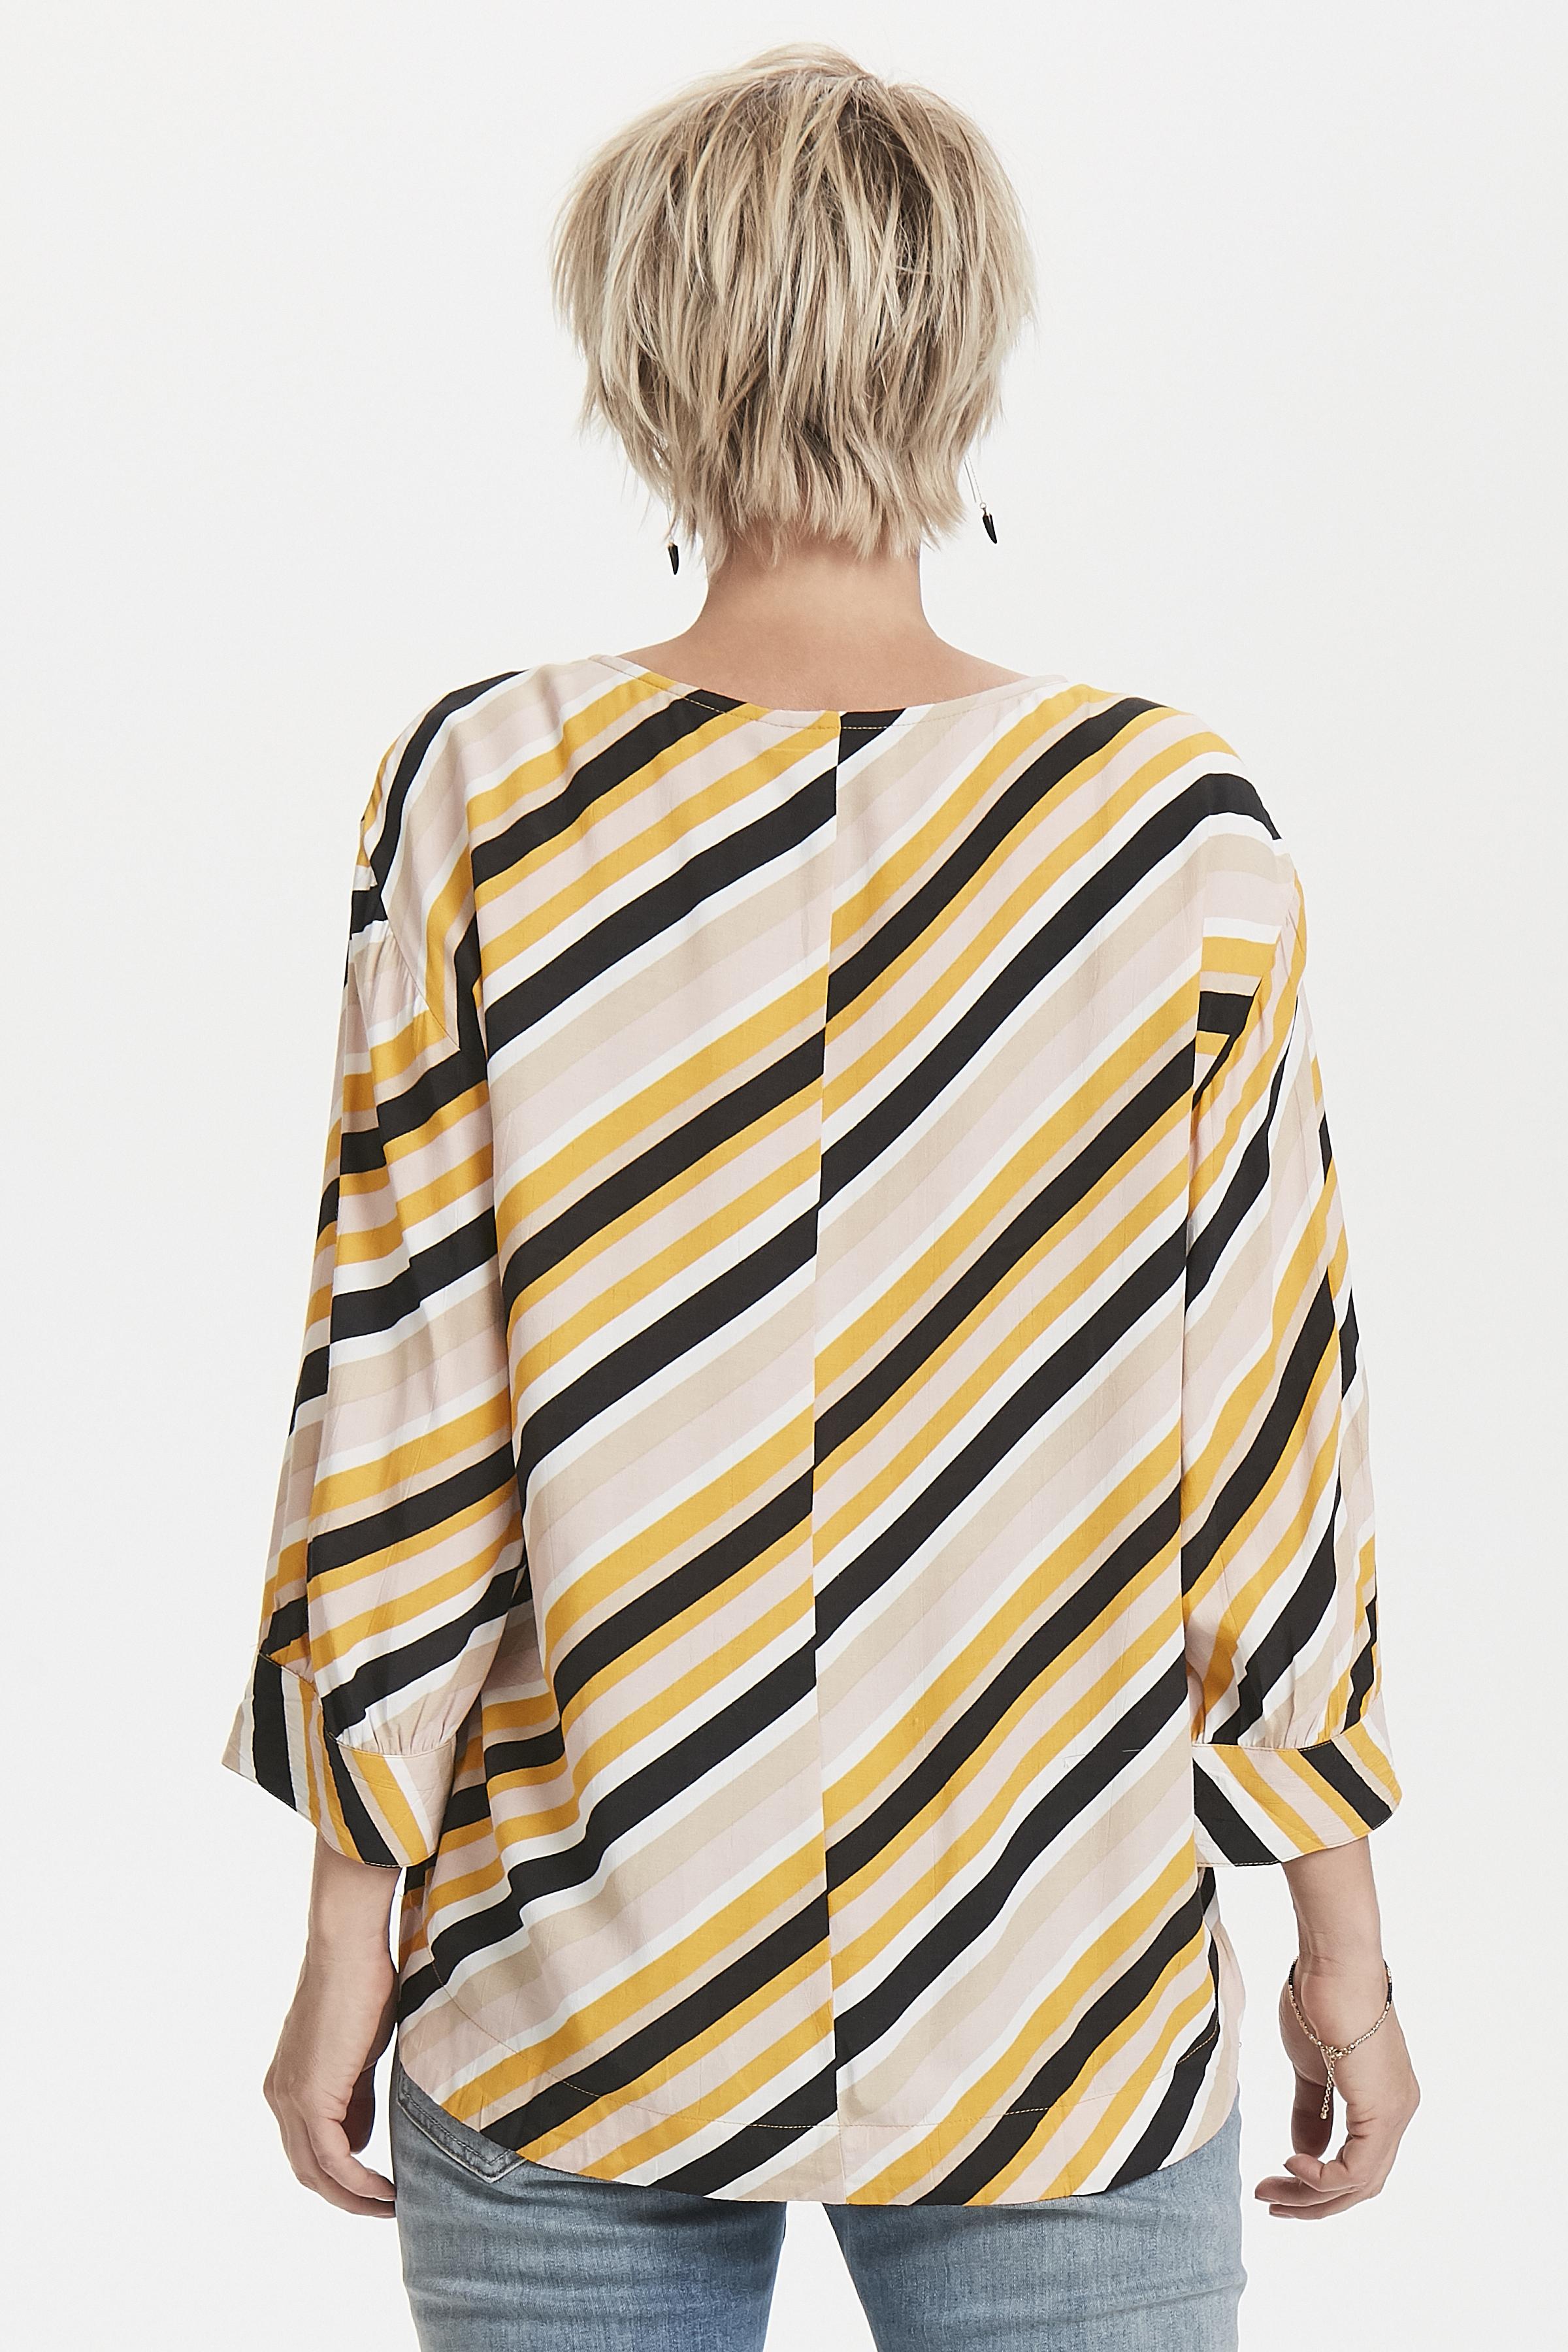 Gelb/sand Bluse von b.young – Shoppen Sie Gelb/sand Bluse ab Gr. 34-46 hier